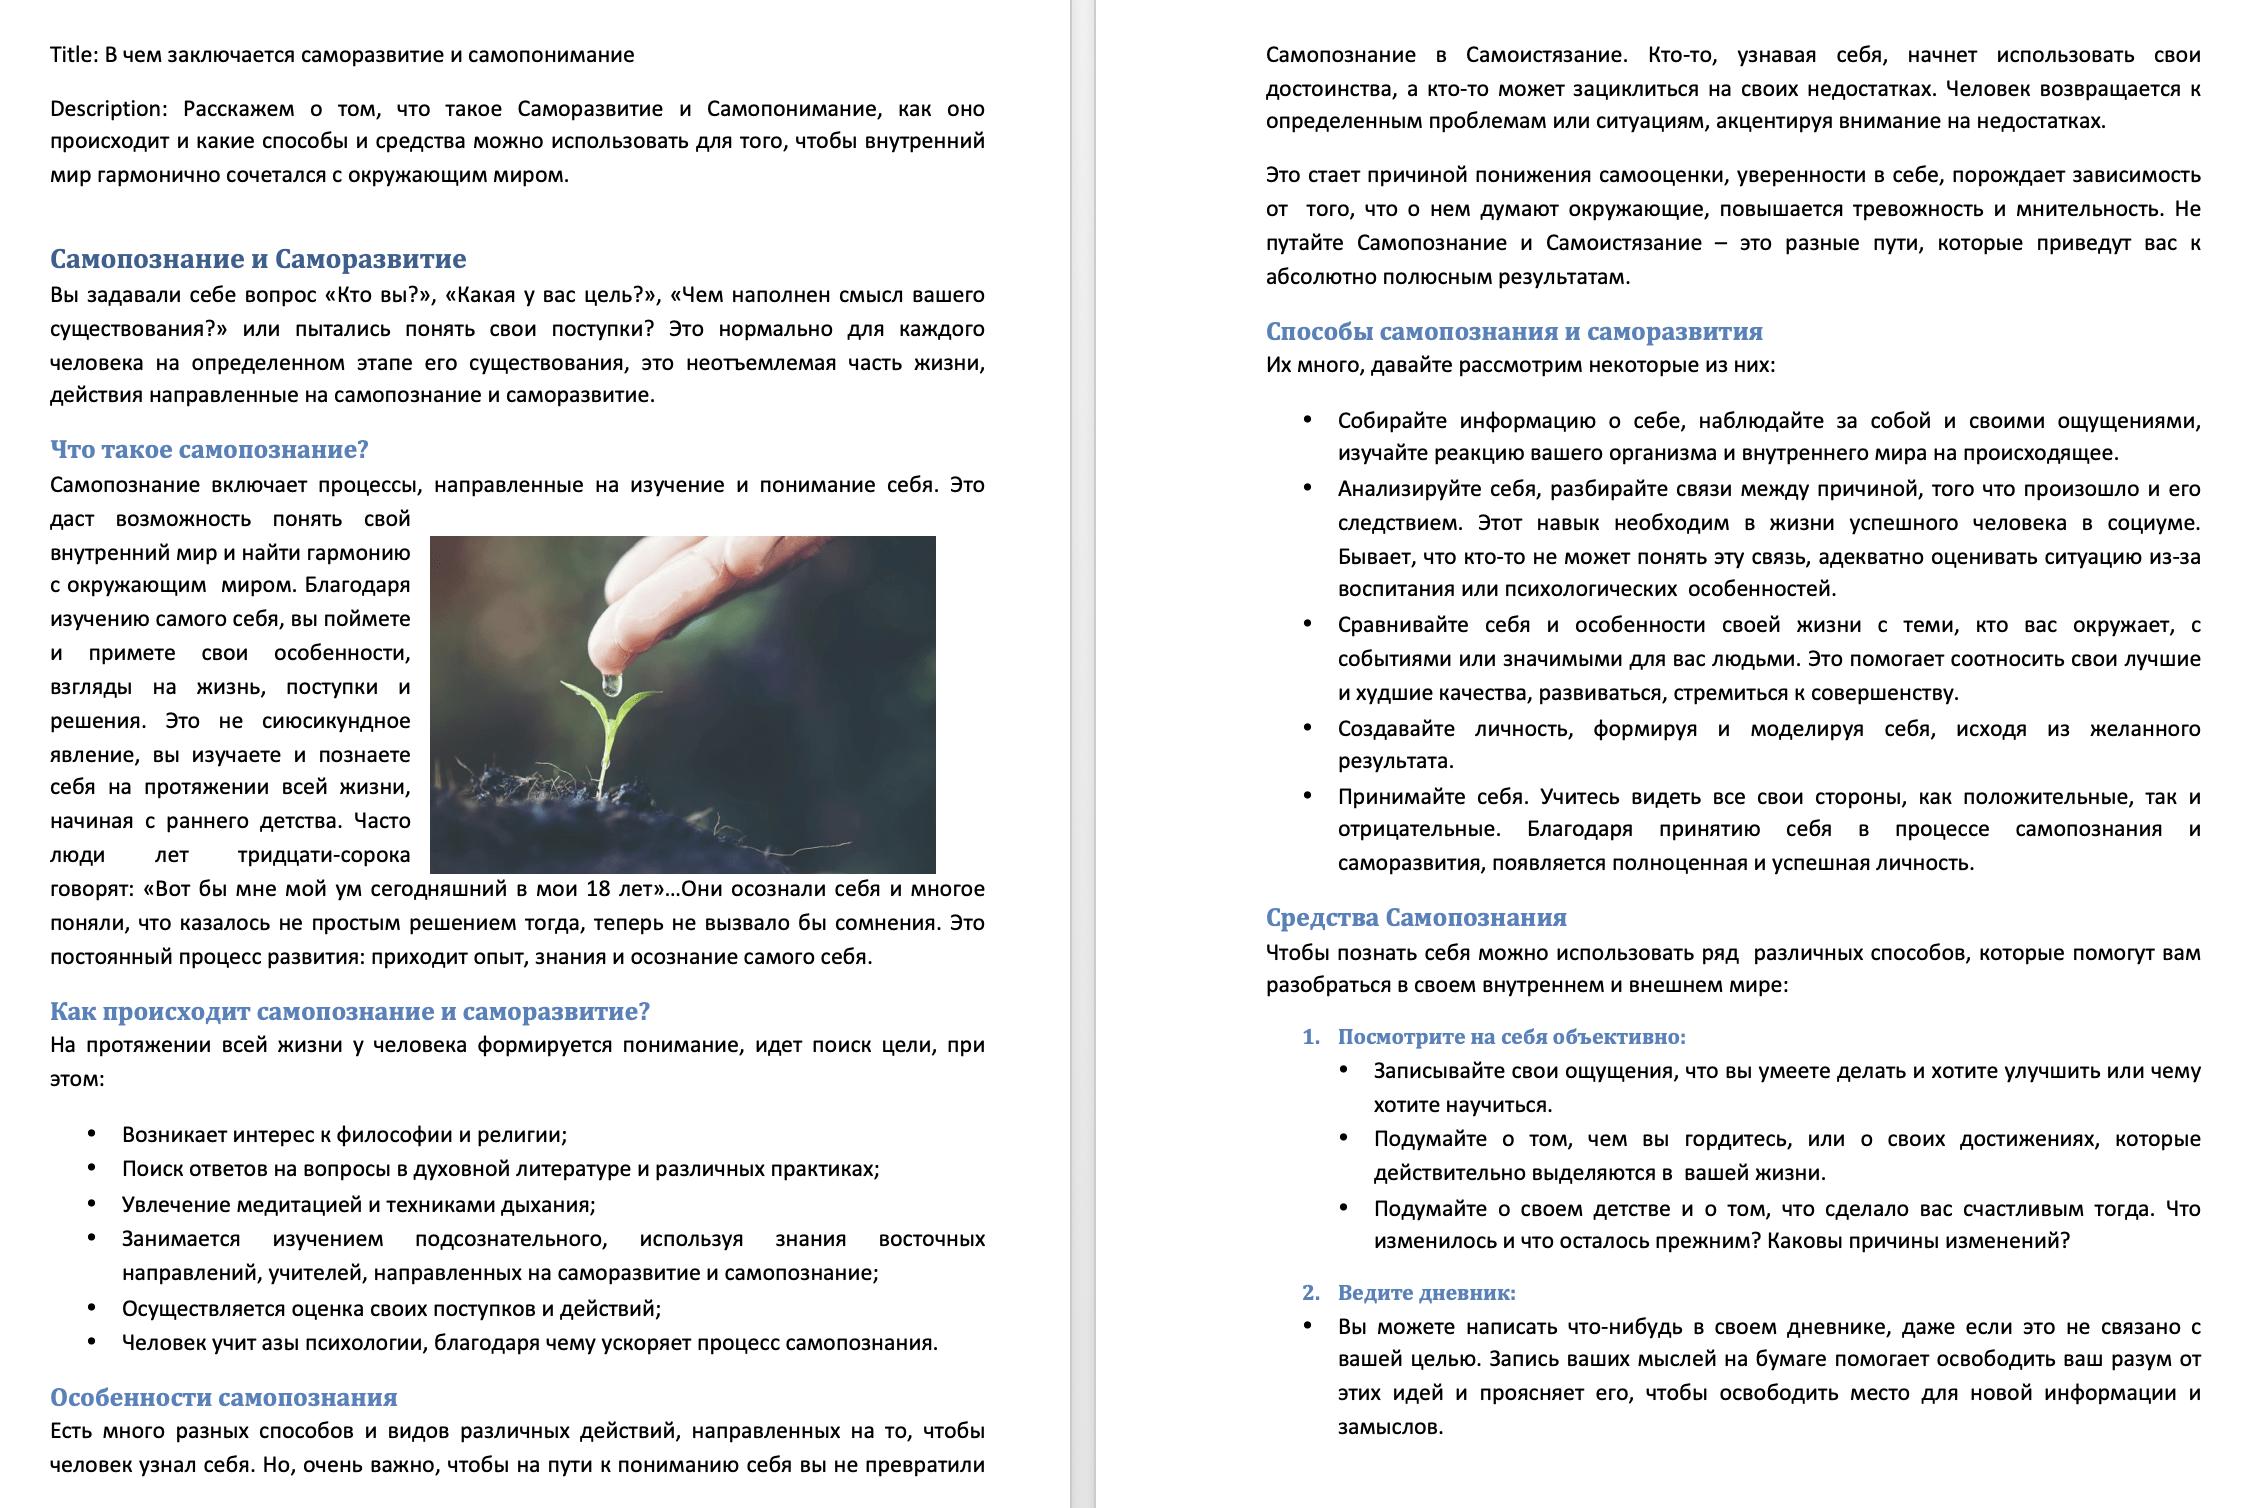 Пример текста для сайта №7 – Сео-текст: саморазвитие и самопознание.